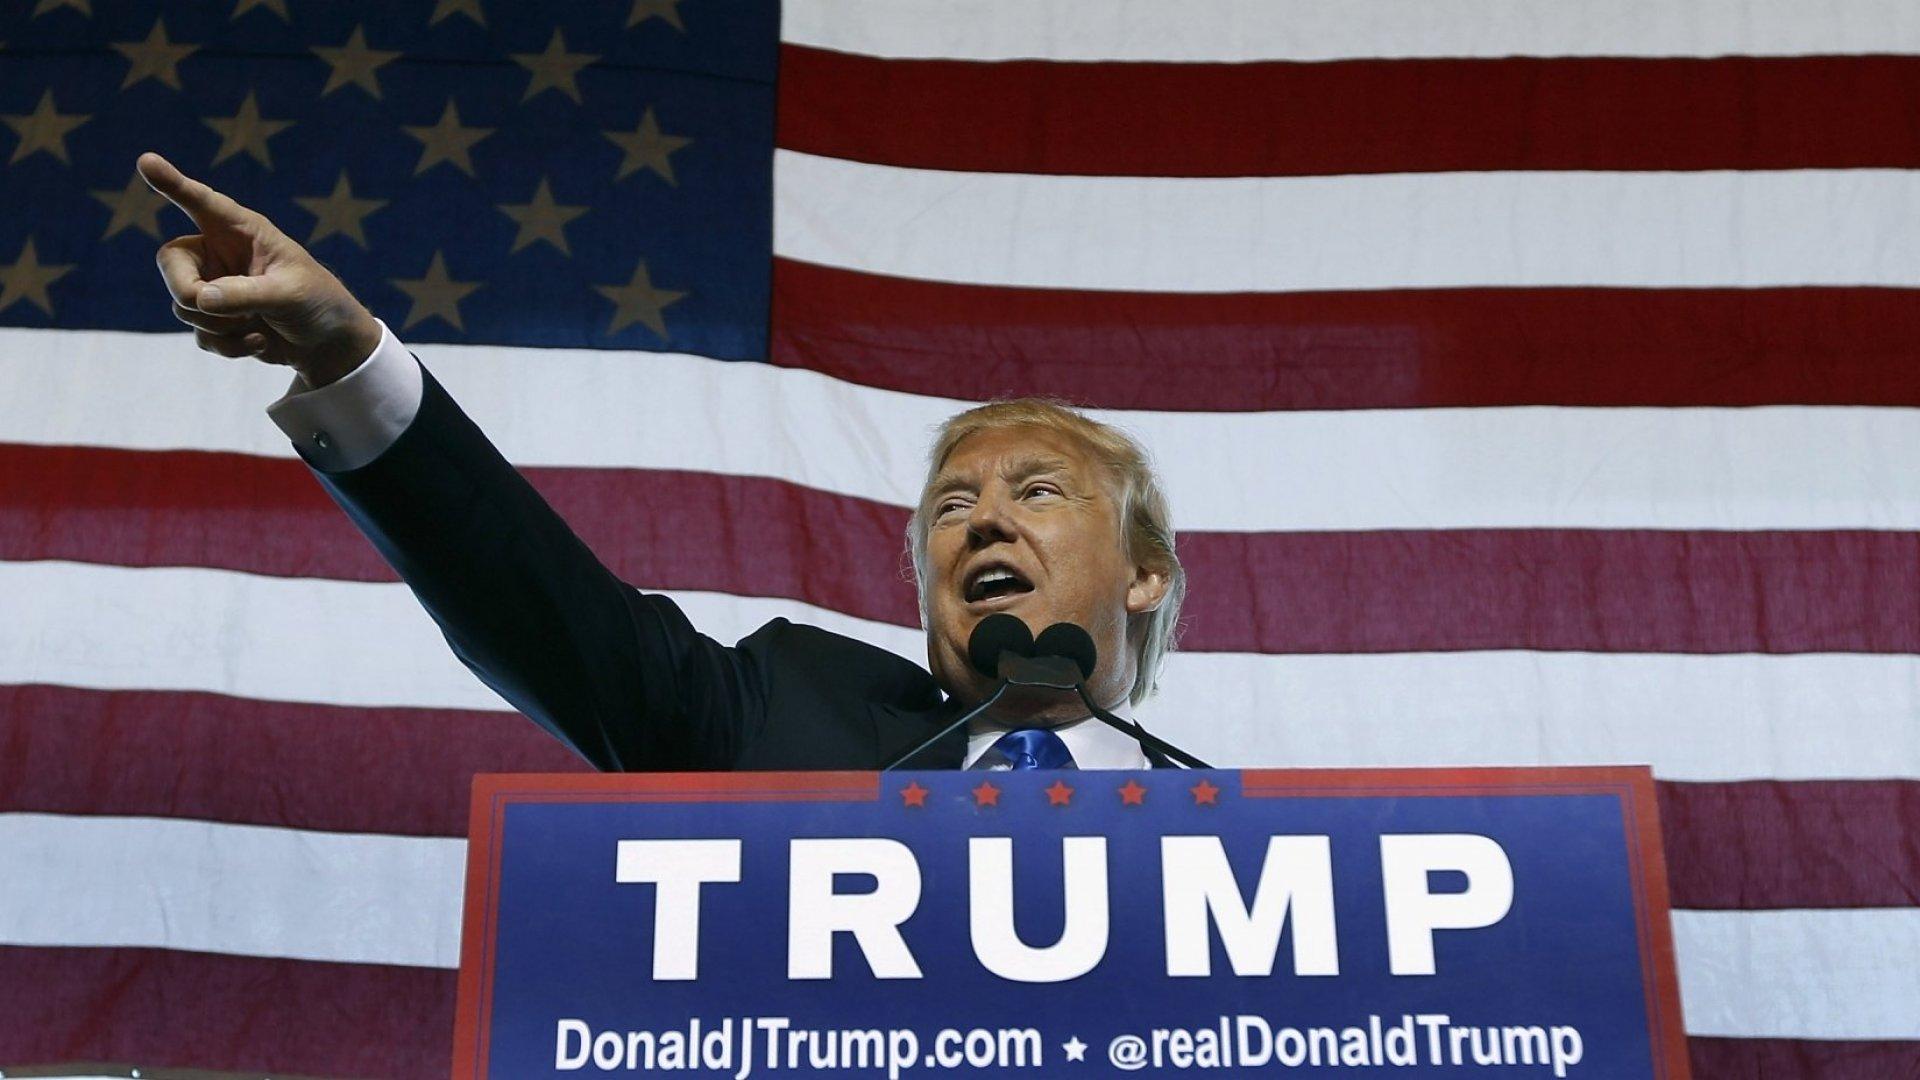 Donald Trump's Million-Dollar Secret to Public Speaking Success